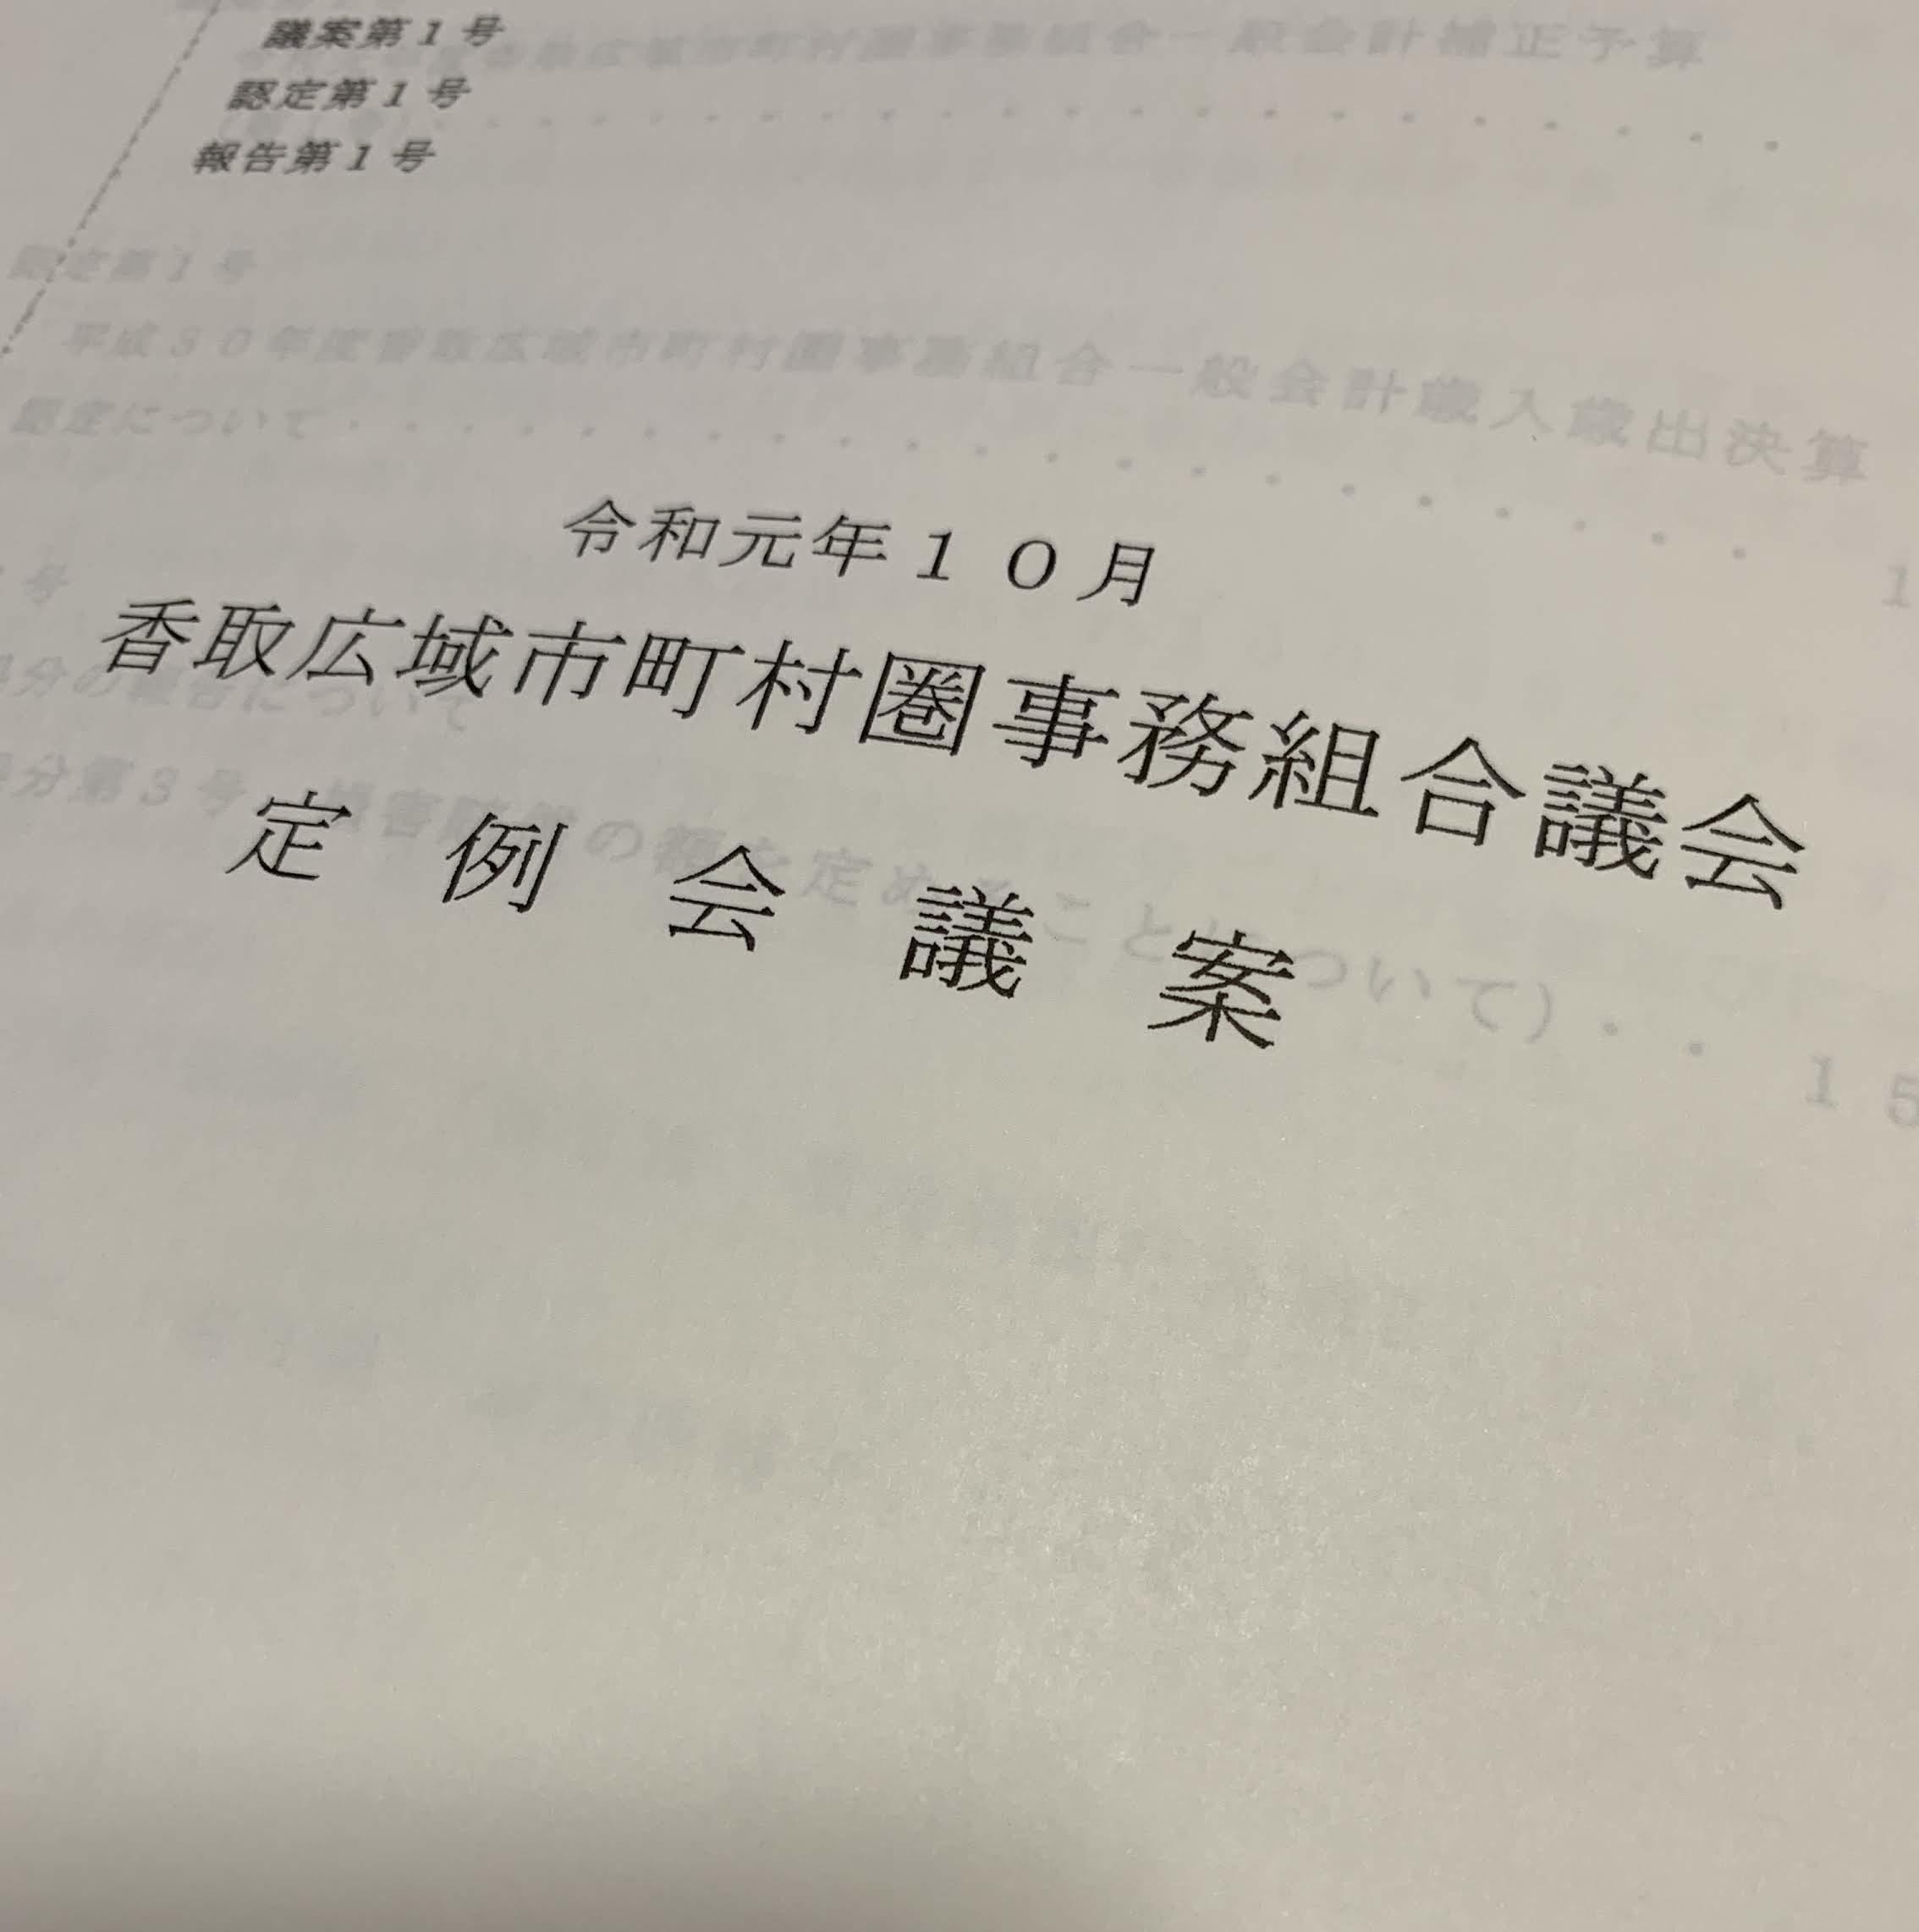 20191025令和元年10月香取広域市町村圏事務組合議会定例会